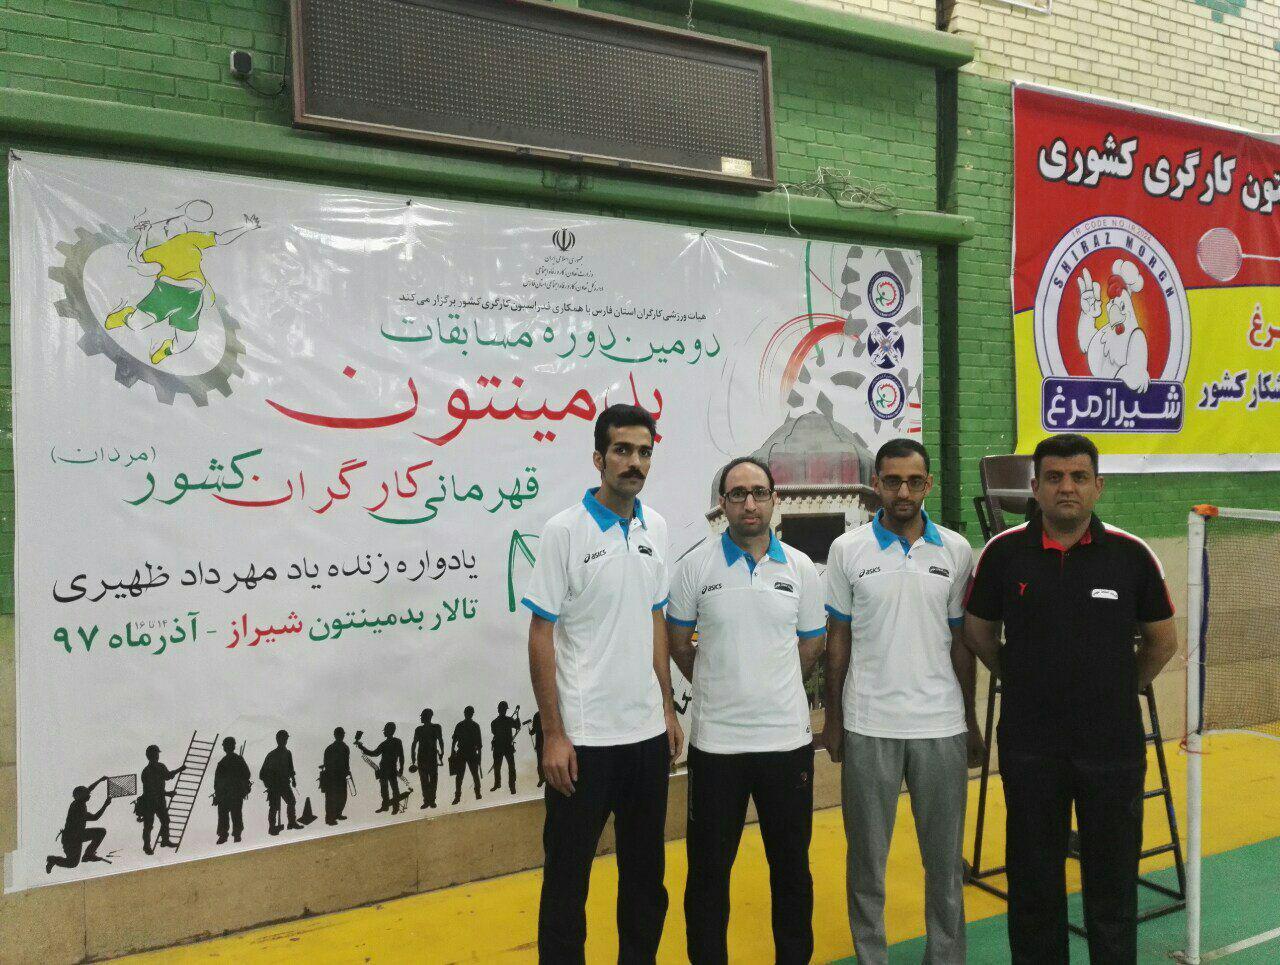 تیم بدمینتون کارگران استان یزد به مسابقات قهرمانی کارگران کشور به میزبانی فارس اعزام شد.